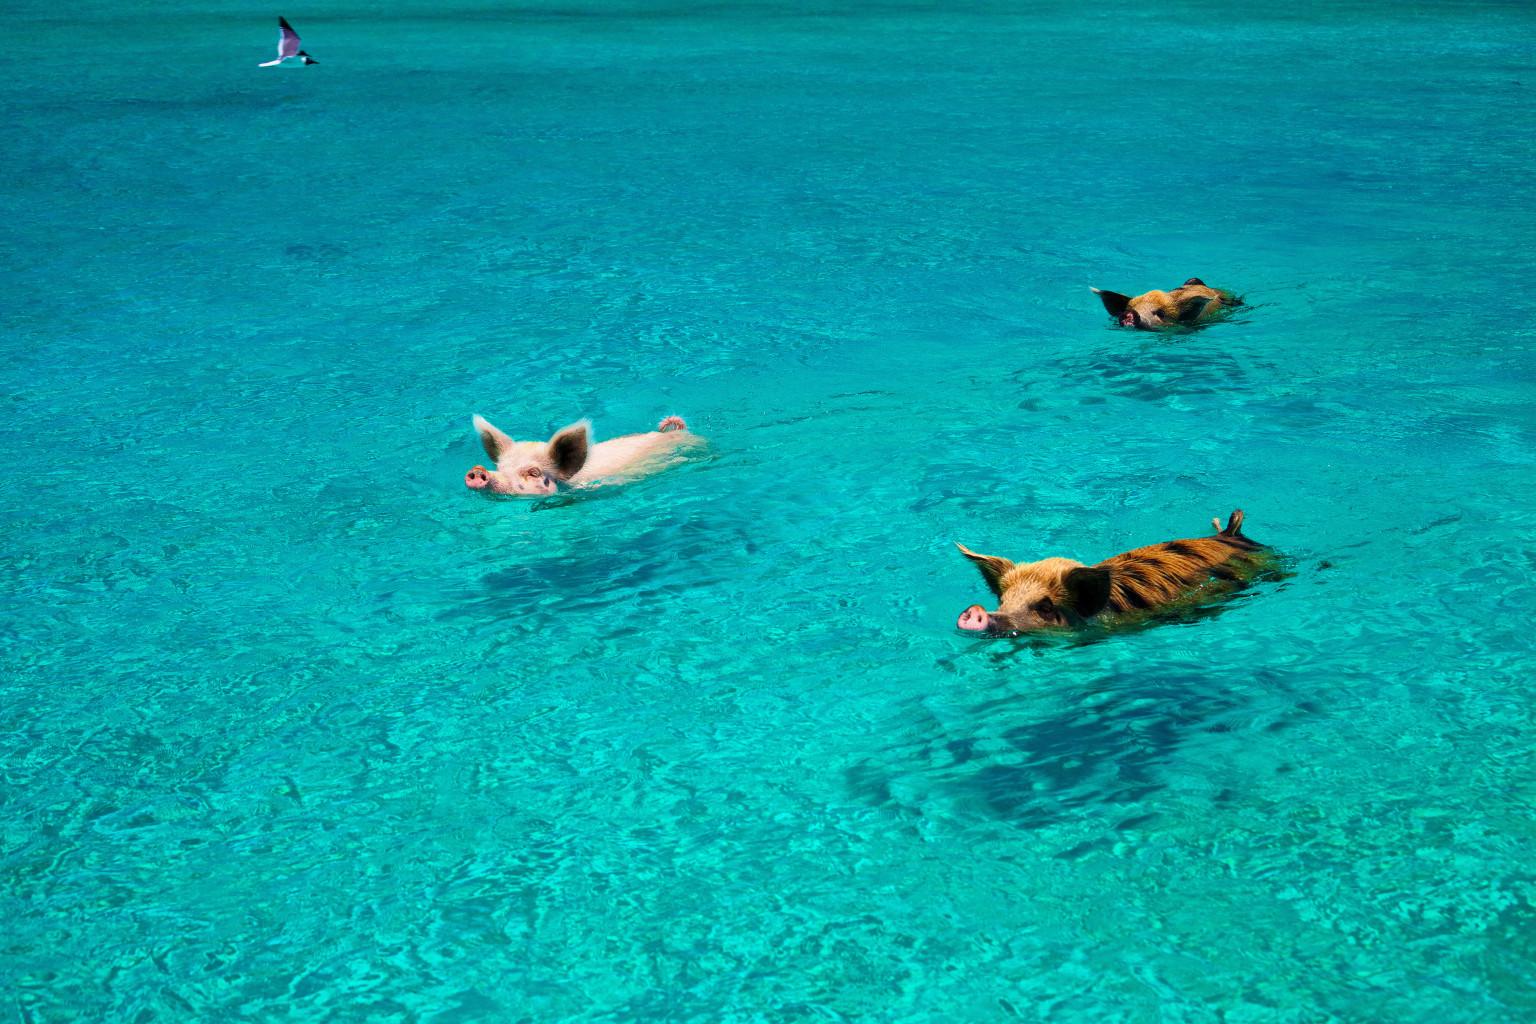 加勒比海 野生小豬和遊客海中暢游沙灘曬太陽 - 香港高登討論區